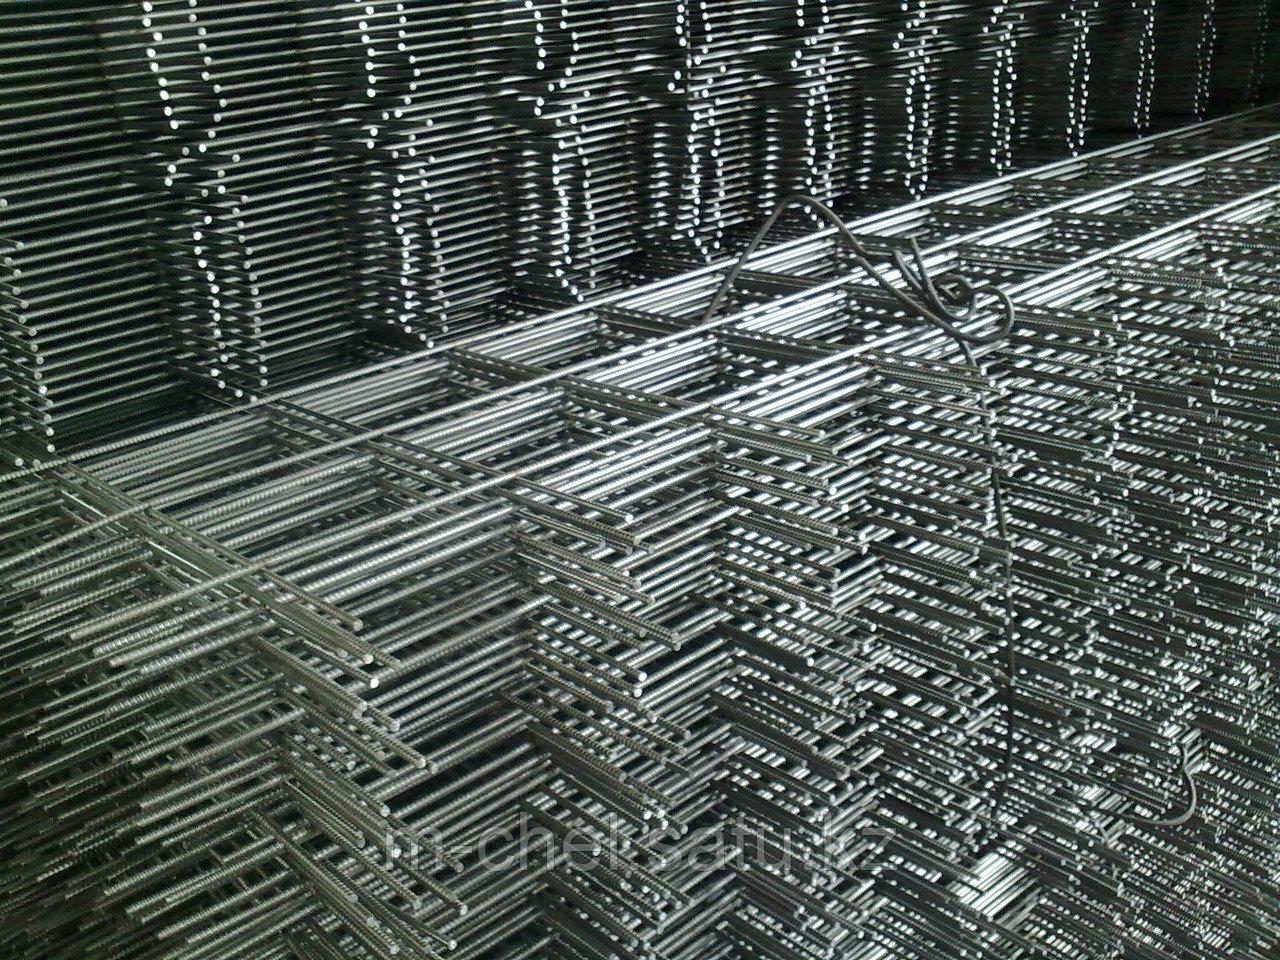 Сетка металлическая плетеная 2.8 мм 08Х18Н10Т ГОСТ 13603-90 ОТМАТЫВАЕМ